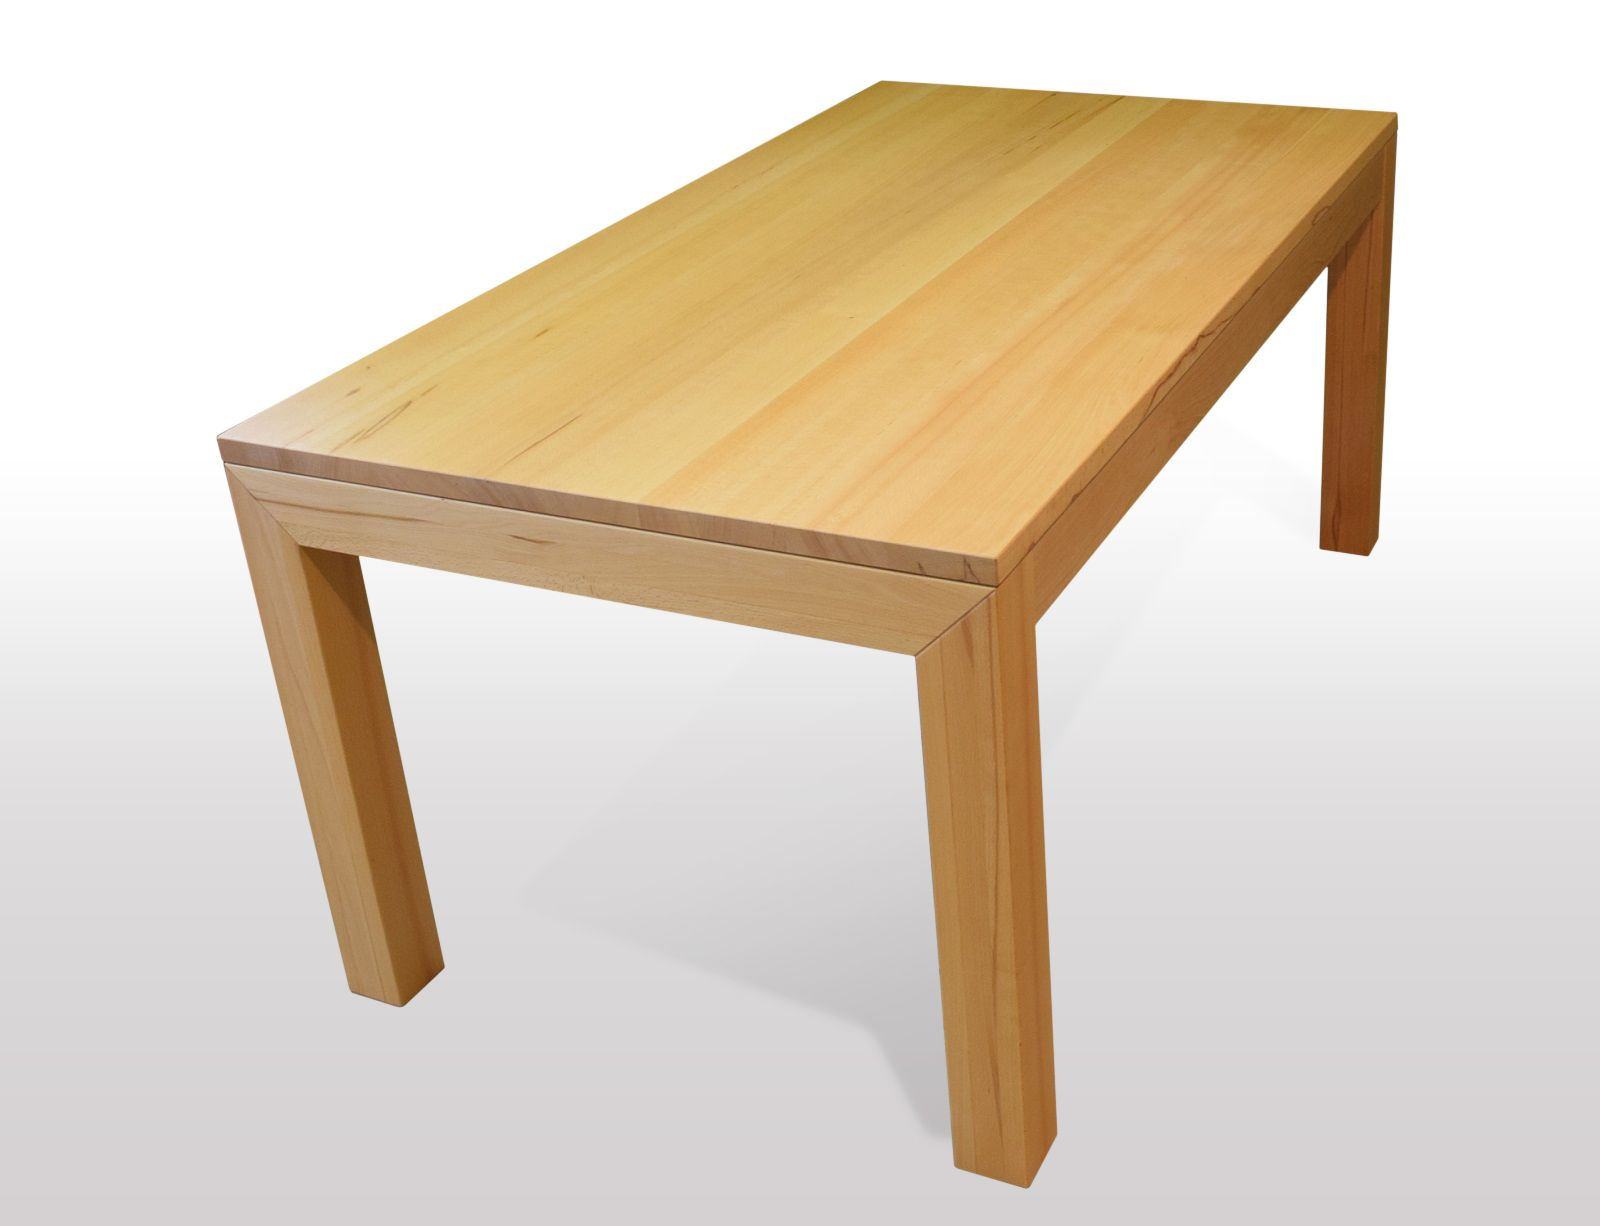 Tisch Buche massiv Breite 80cm / Länge wählbar